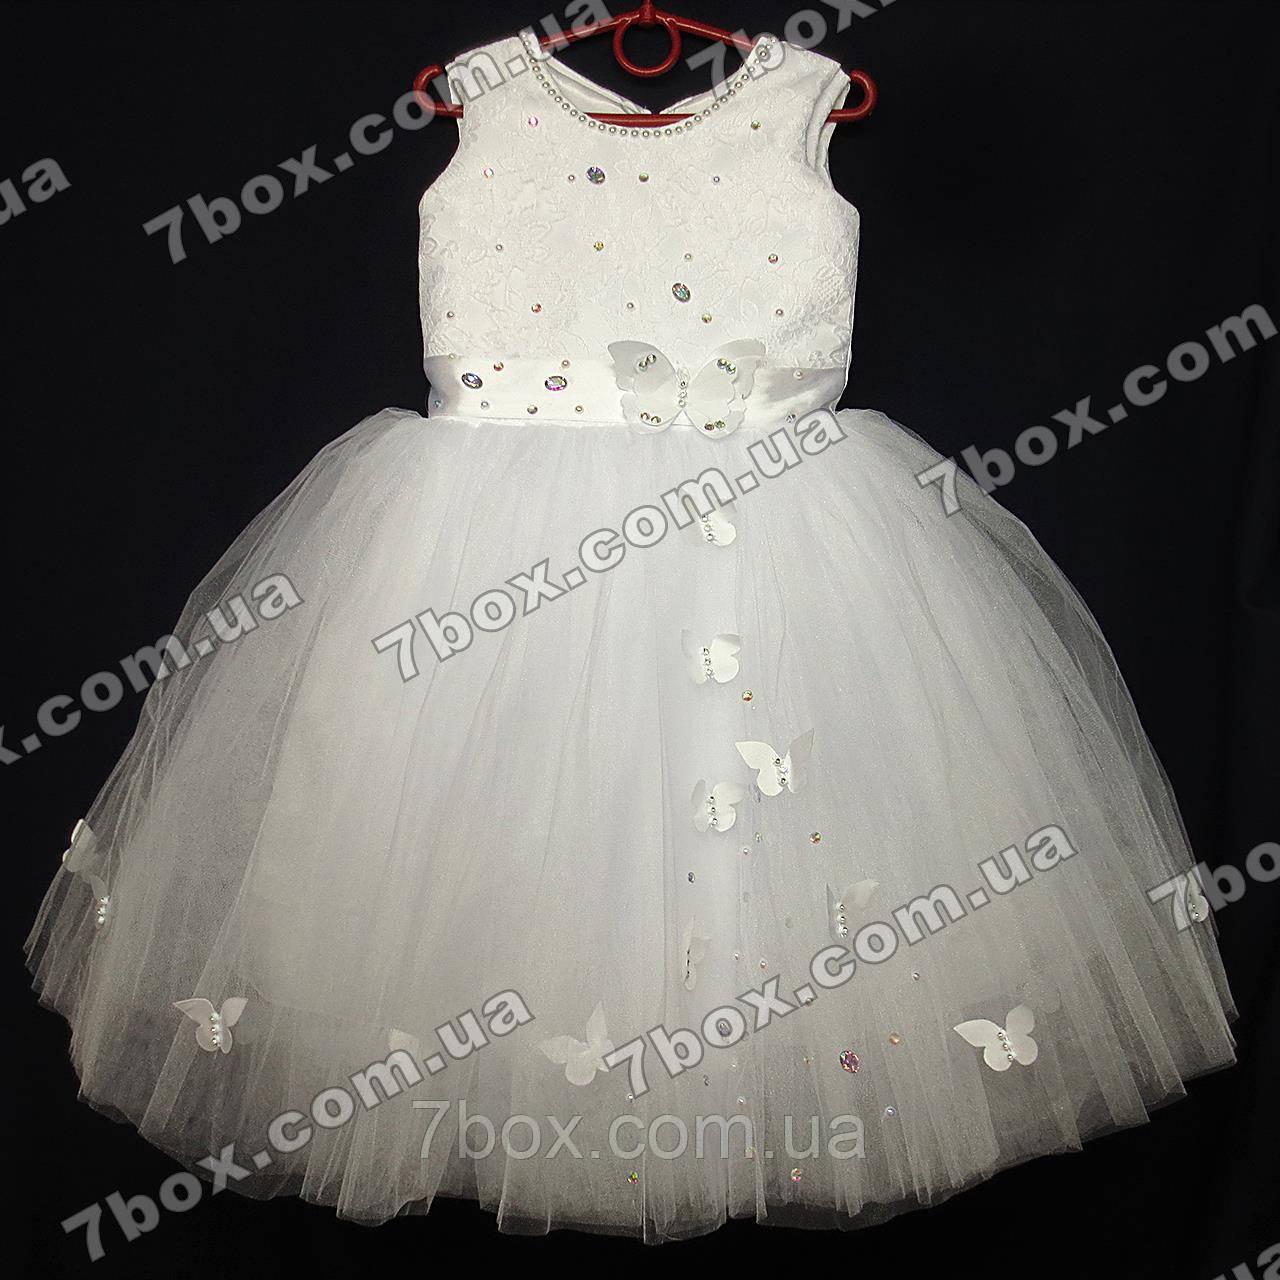 Детское платье бальное С бабочками 5-6 лет белое. Опт и Розница Возраст